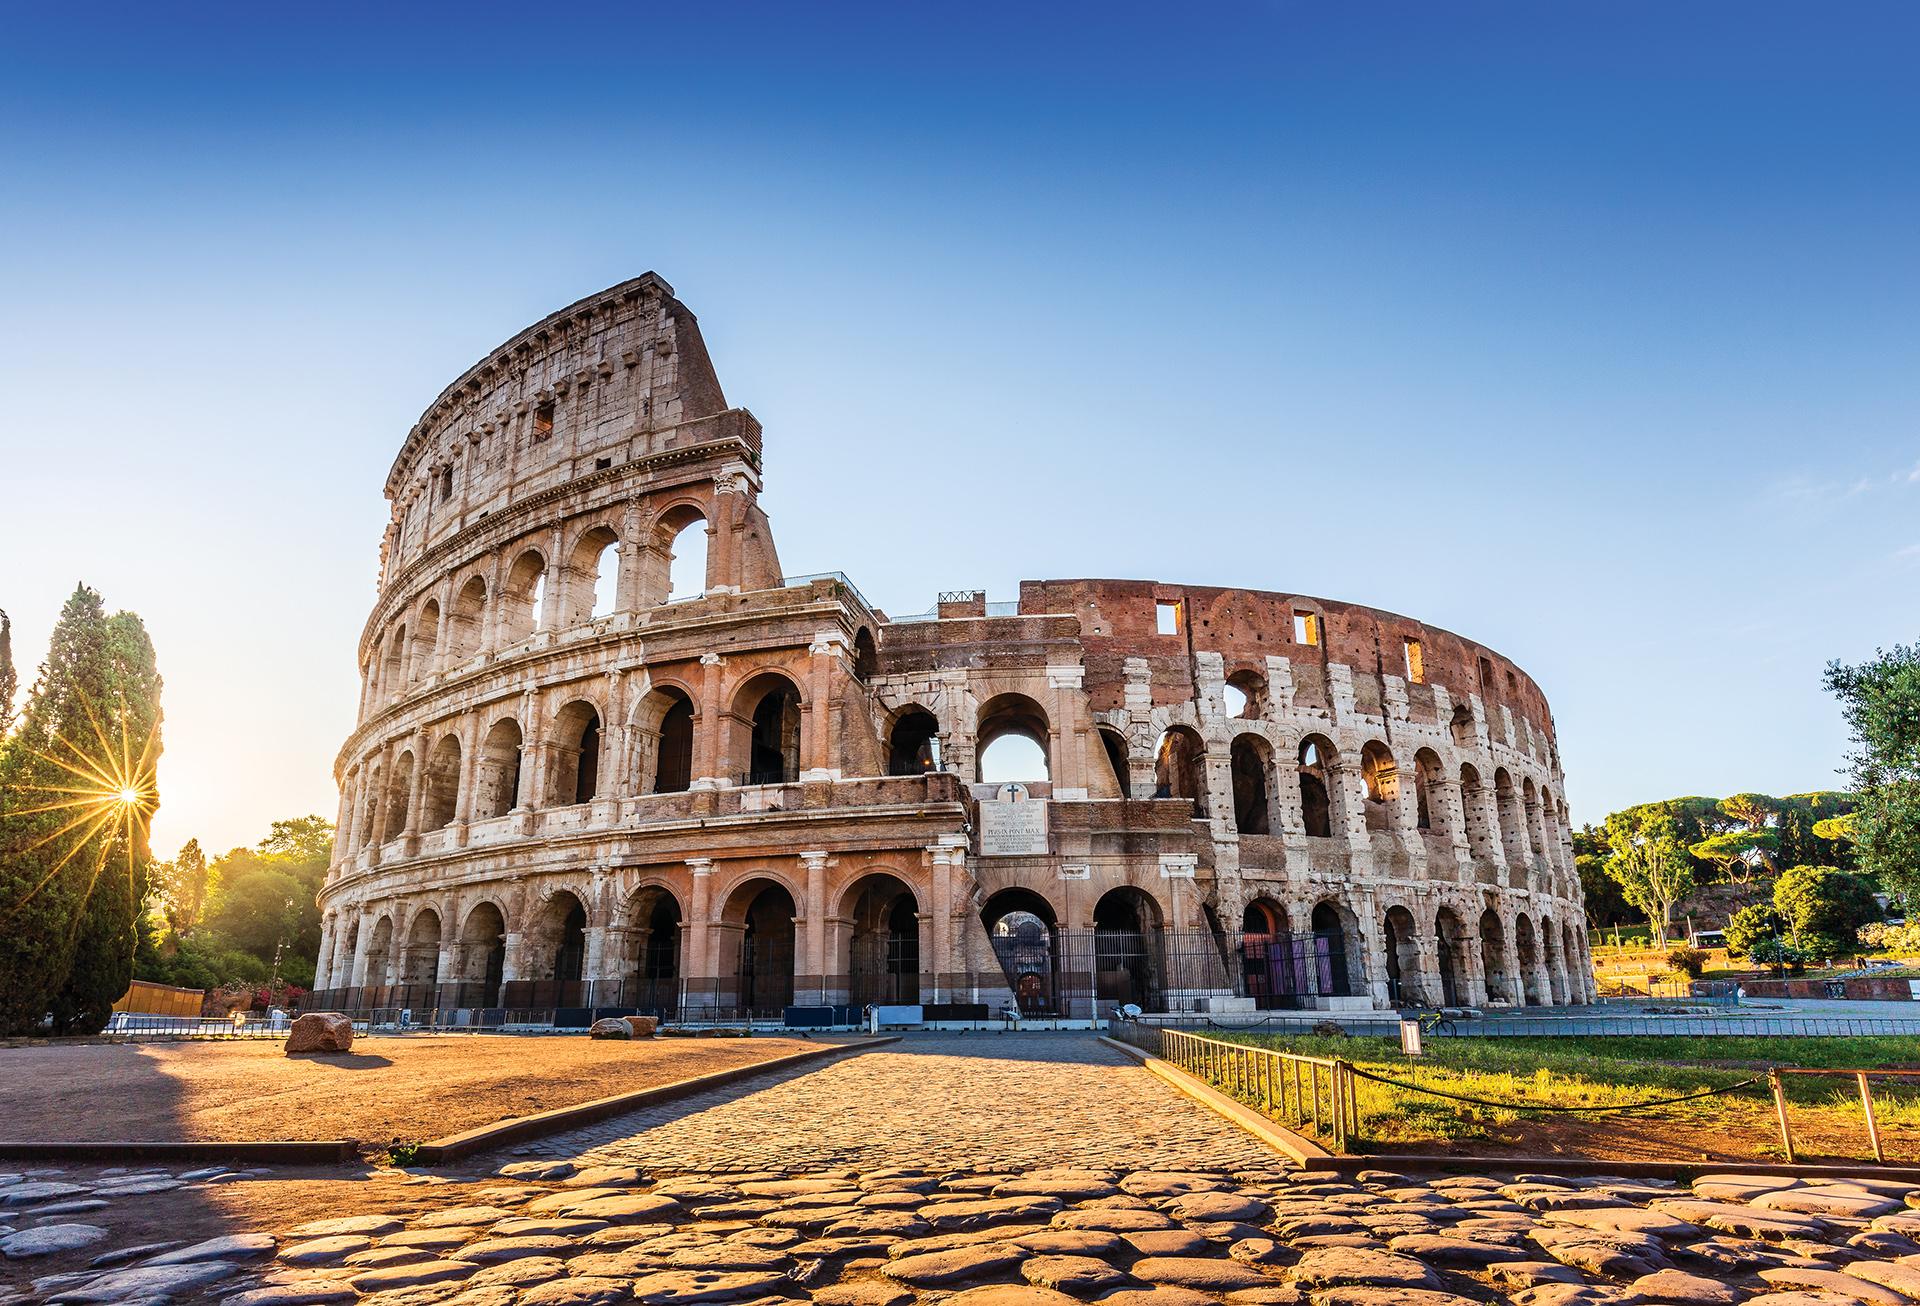 La capital está llena de vida y movimiento tanto de día como de noche. Dos de sus atracciones más conocidas son el Coliseo Romano y la Fontana di Trevi que cuenta la leyenda que lanzando una moneda se vuelve. Otro imperdible para el recorrido turístico, es la basílica de San Pedro en la zona del Vaticano